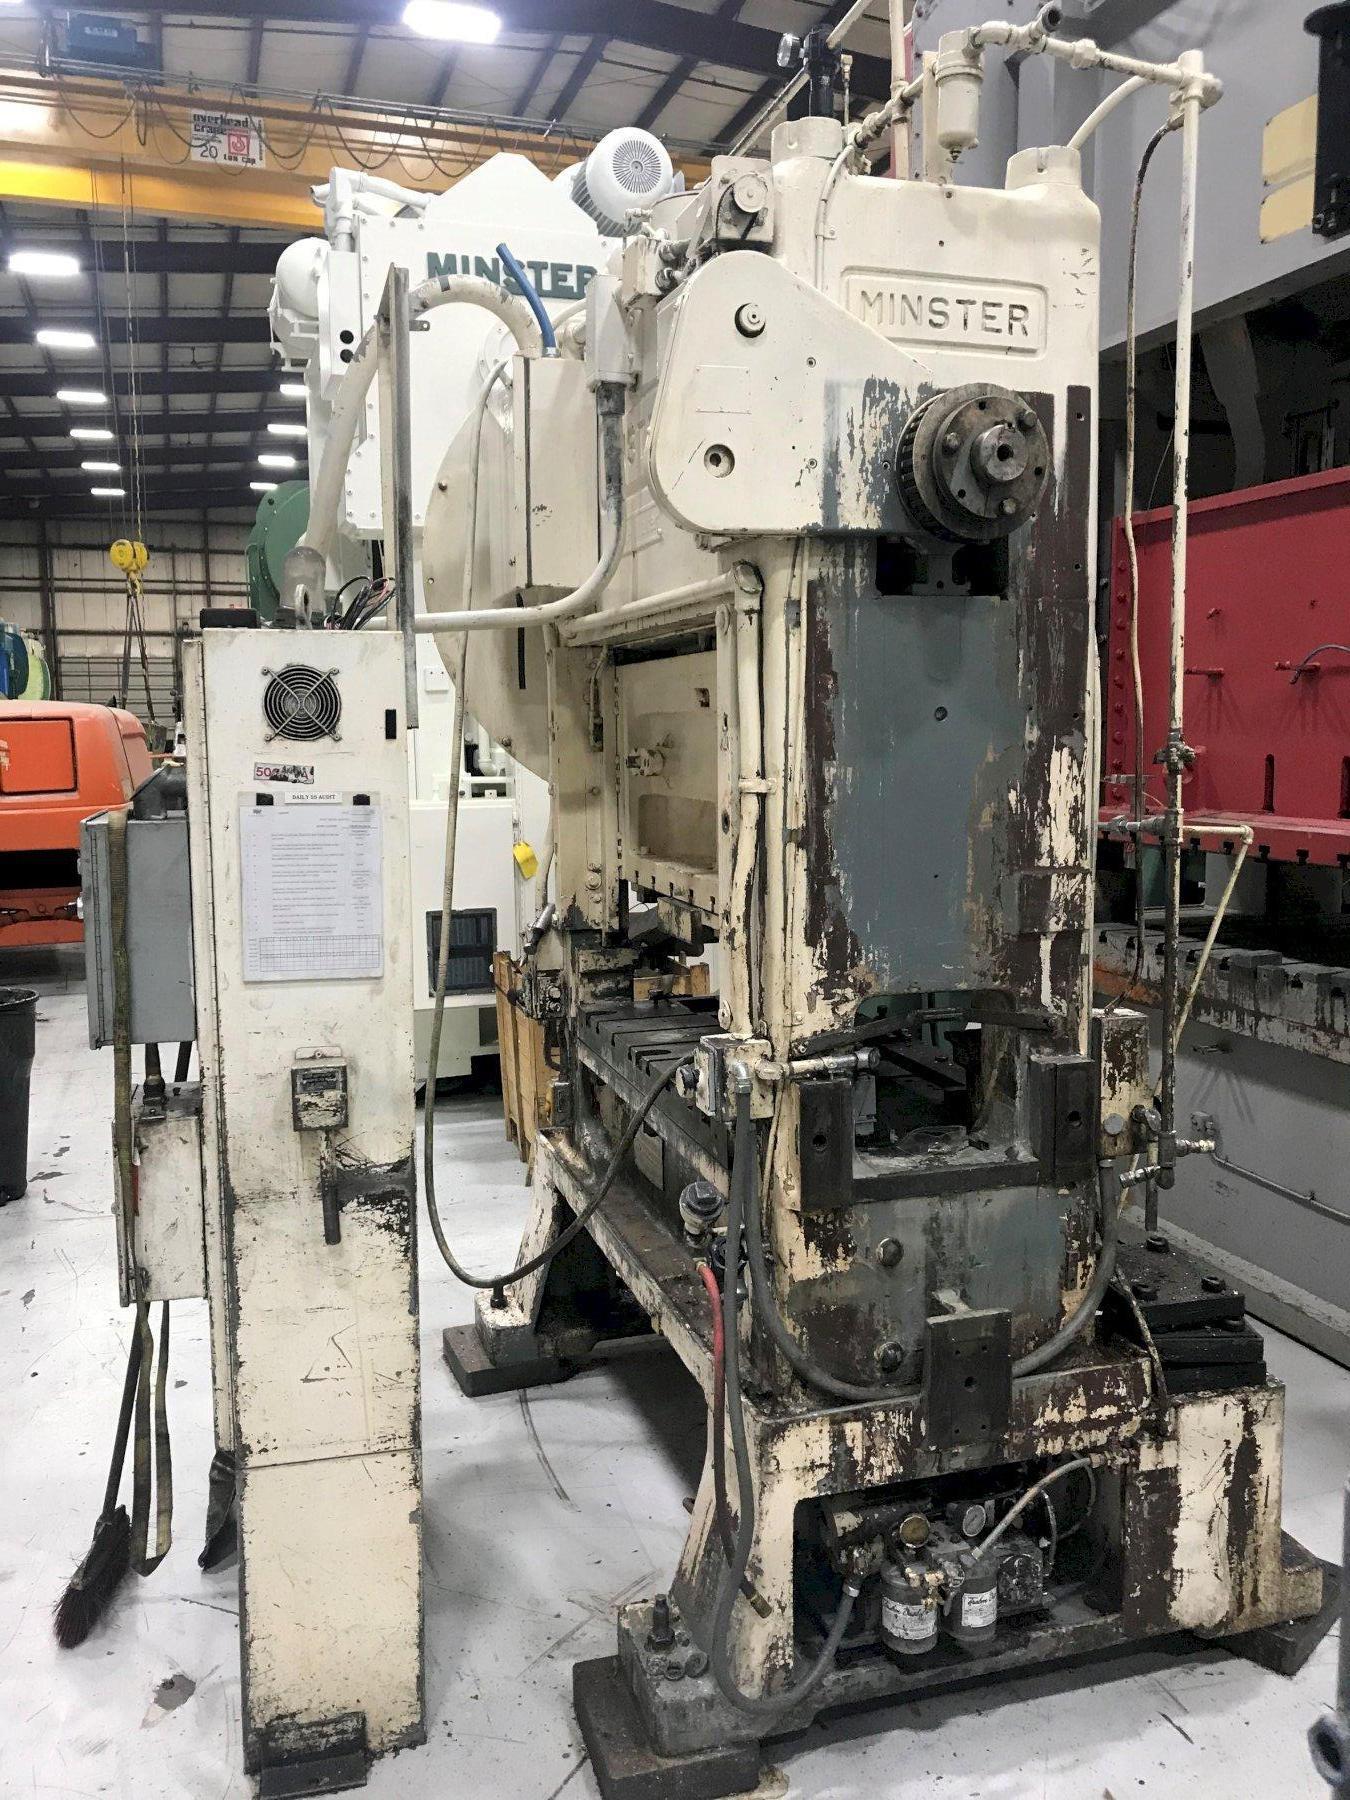 60 ton Minster P2-60-48 Piece-Maker Highspeed Press, New 1984